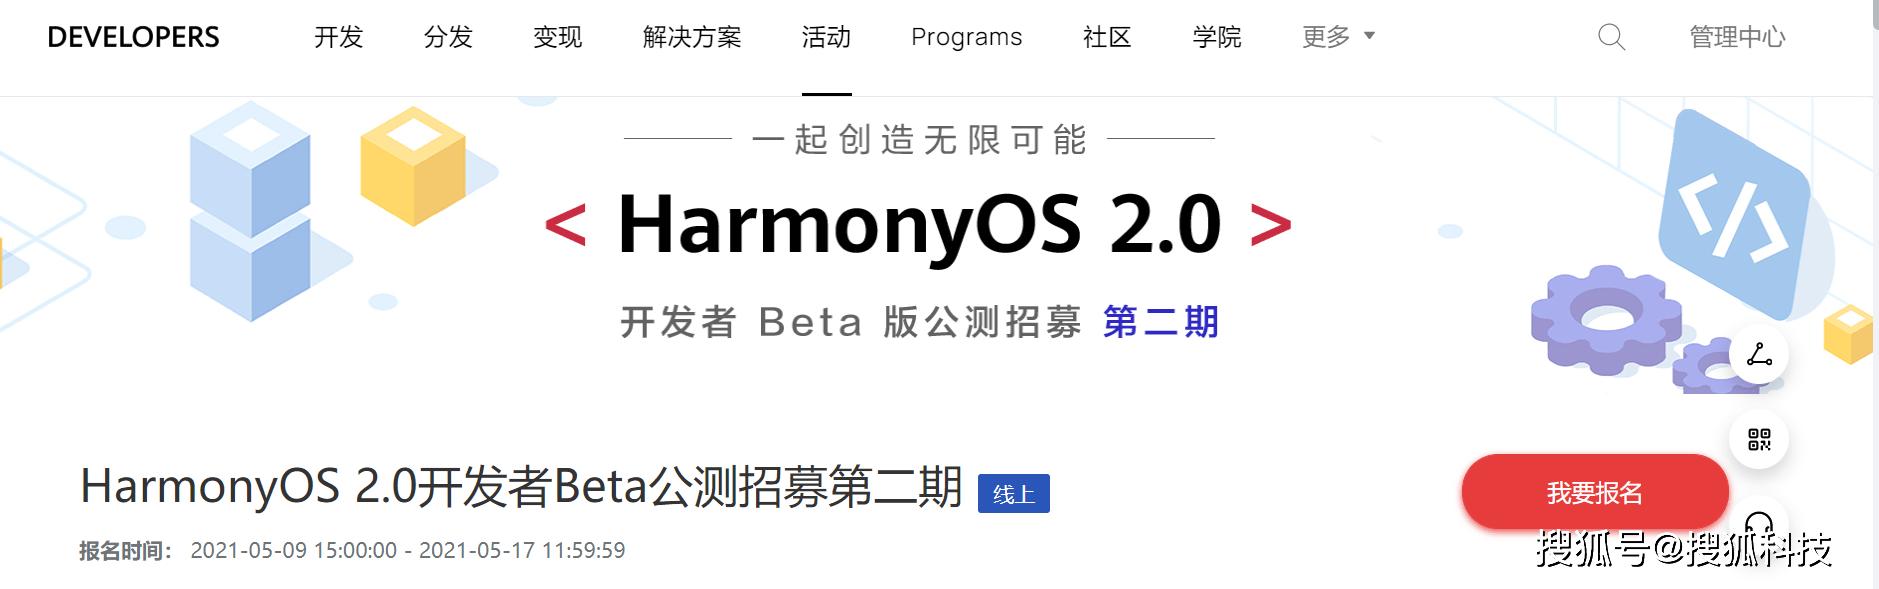 华为鸿蒙OS 2.0开发者Beta公测第二期开启